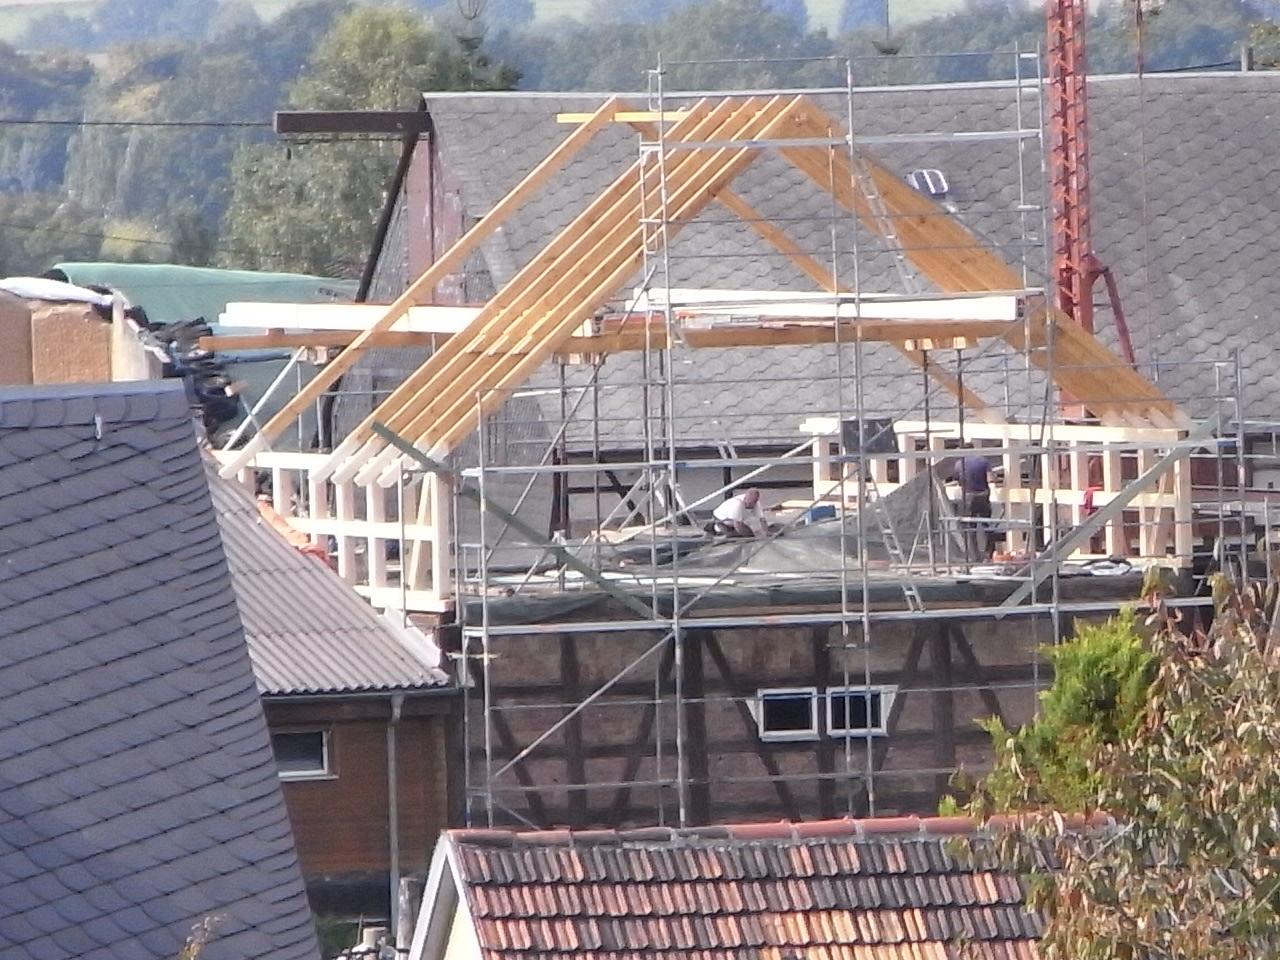 Wiederherstellen eines Dachstuhles einer abgebrannten Scheune